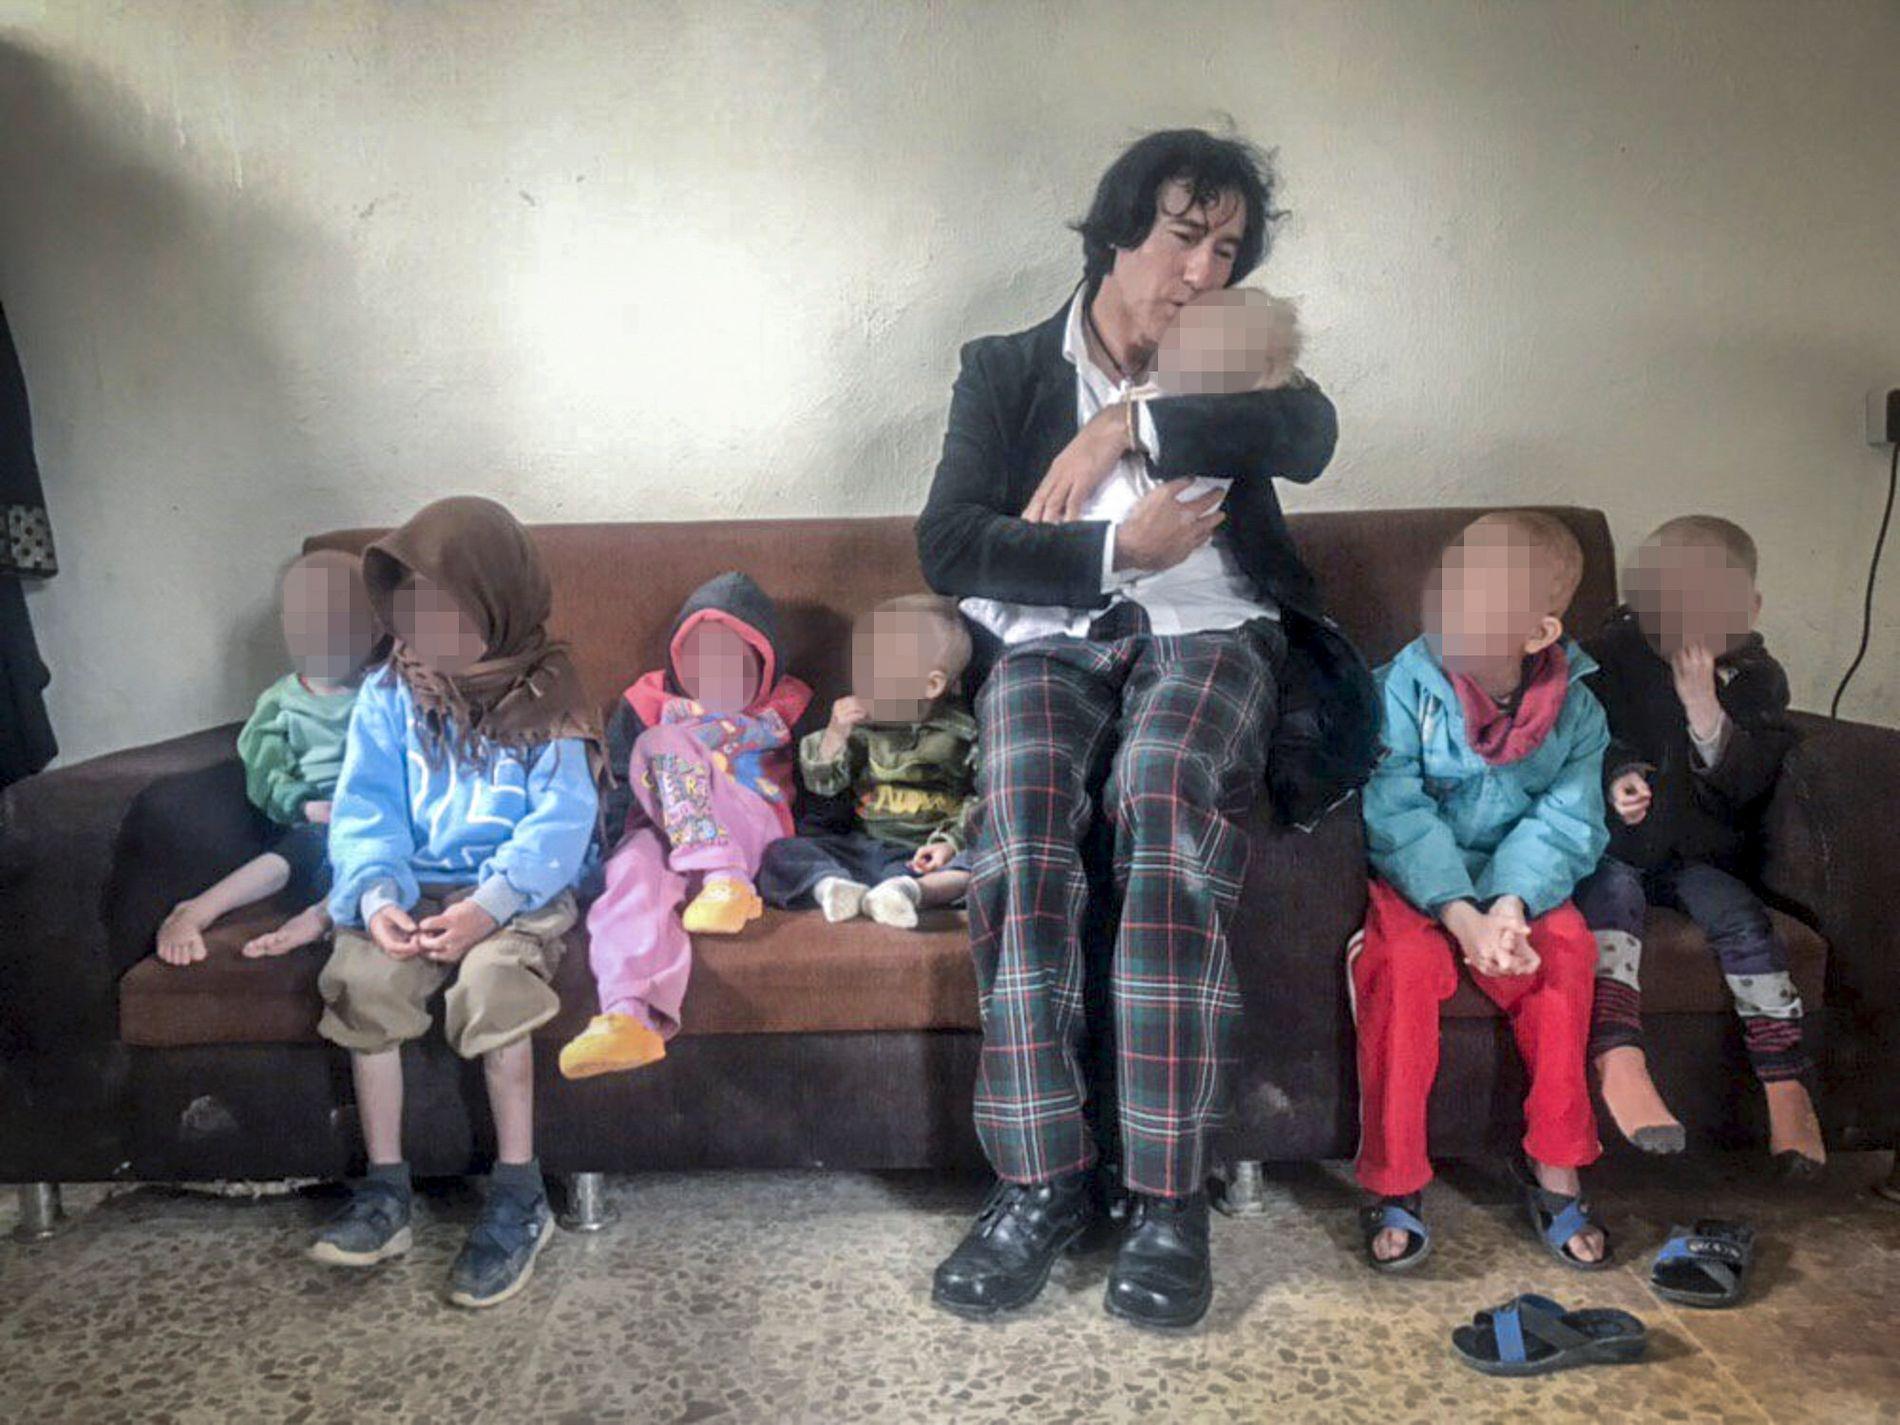 FLYKTNINGELEIR: Patricio Galvez fikk tre timer med barnebarna etter å ha funnet dem i en flyktningeleir i Syria. Nå er planen å få dem til Nord-Irak. Foto: PRIVAT